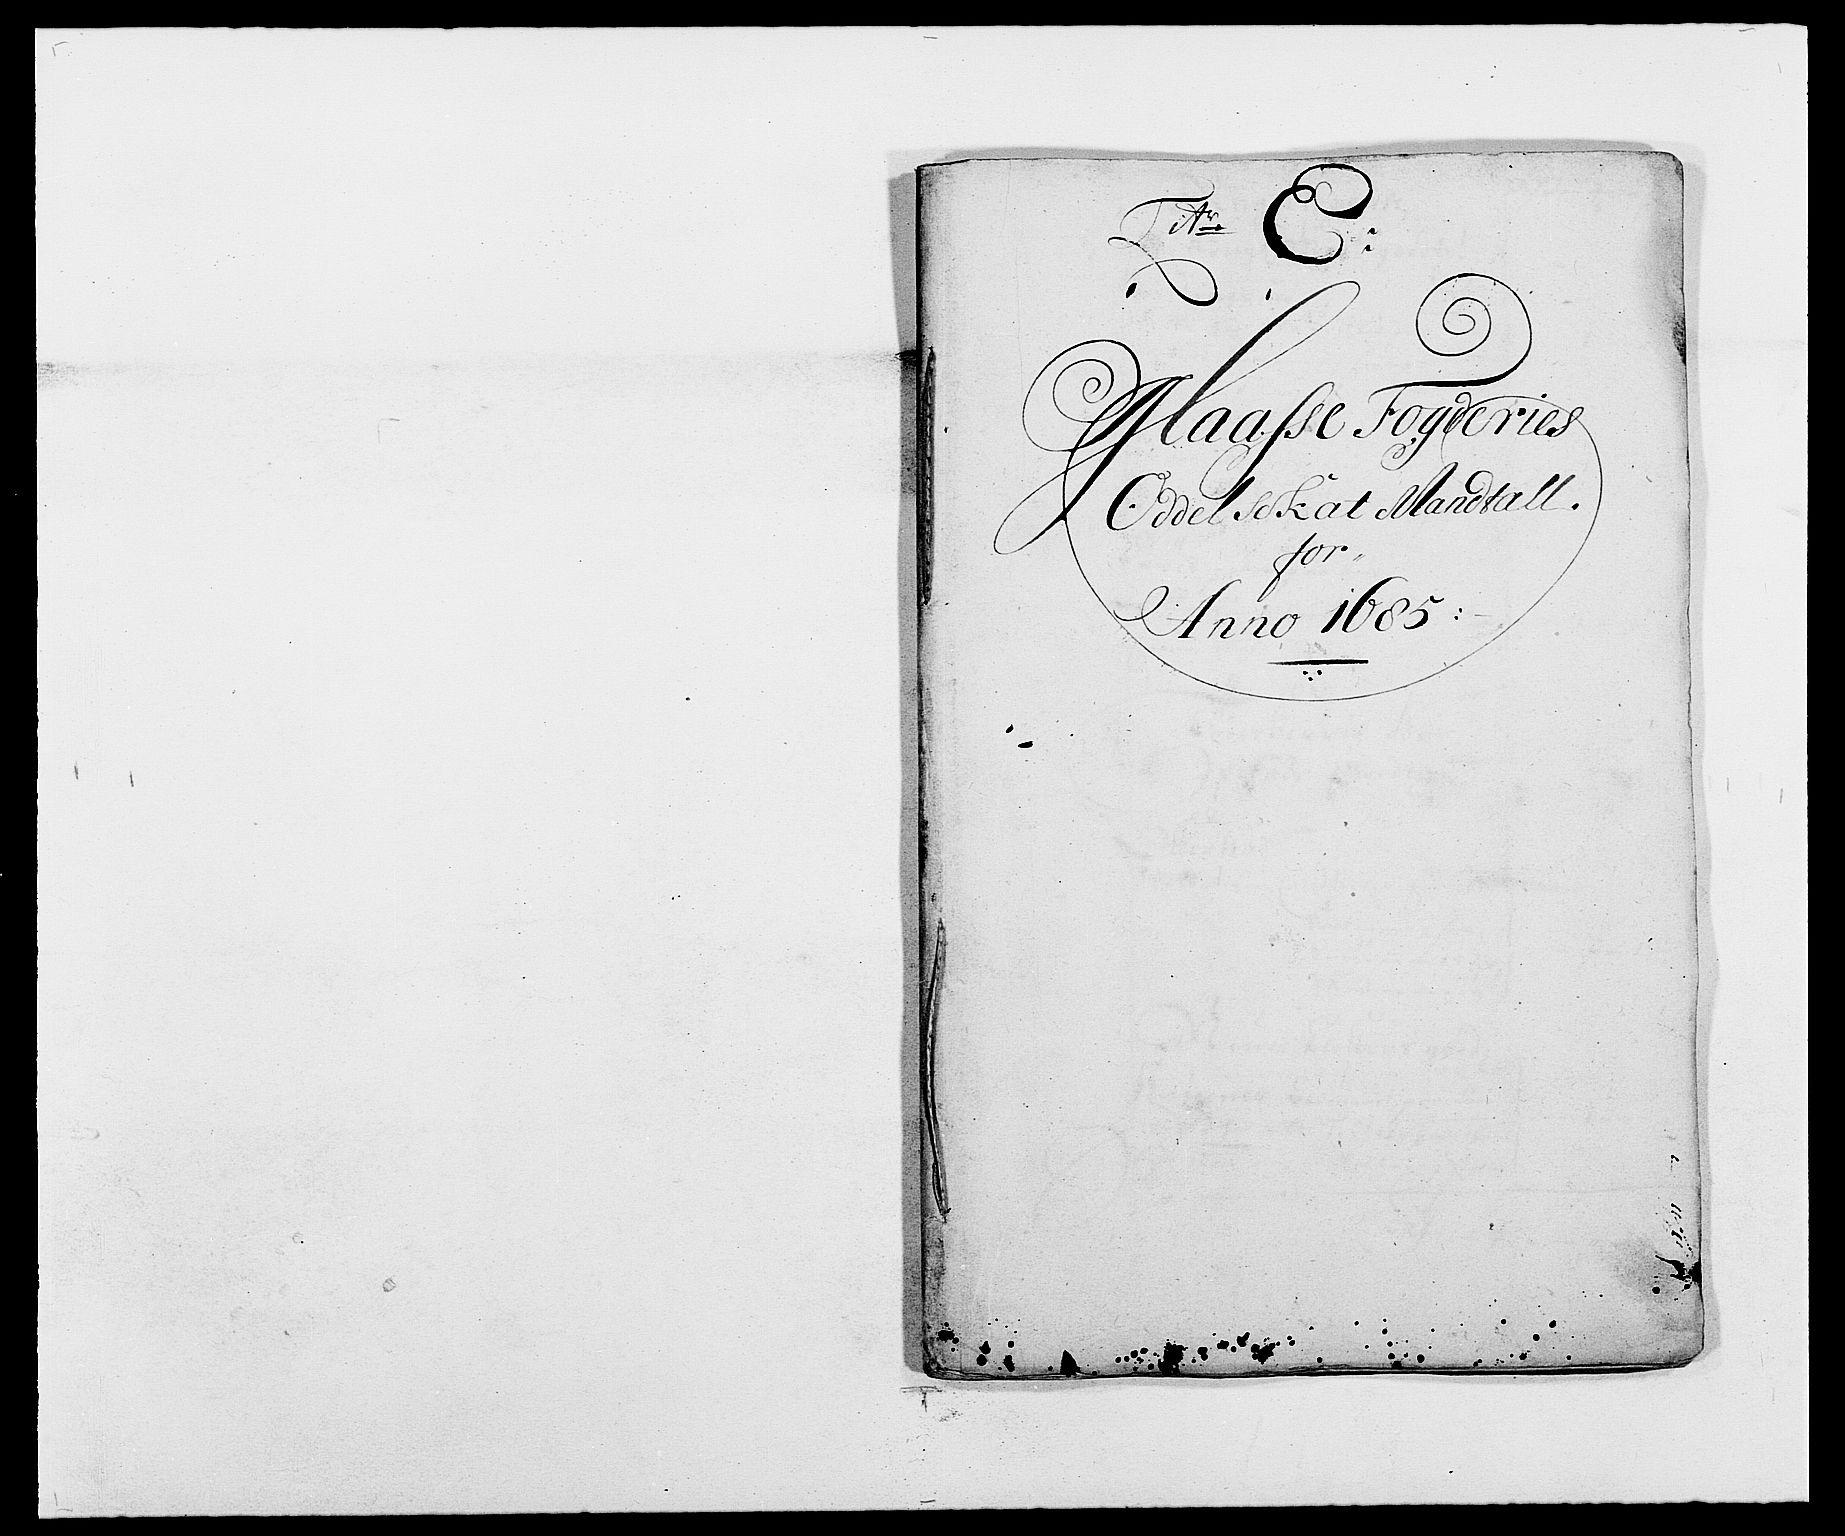 RA, Rentekammeret inntil 1814, Reviderte regnskaper, Fogderegnskap, R02/L0105: Fogderegnskap Moss og Verne kloster, 1685-1687, s. 61